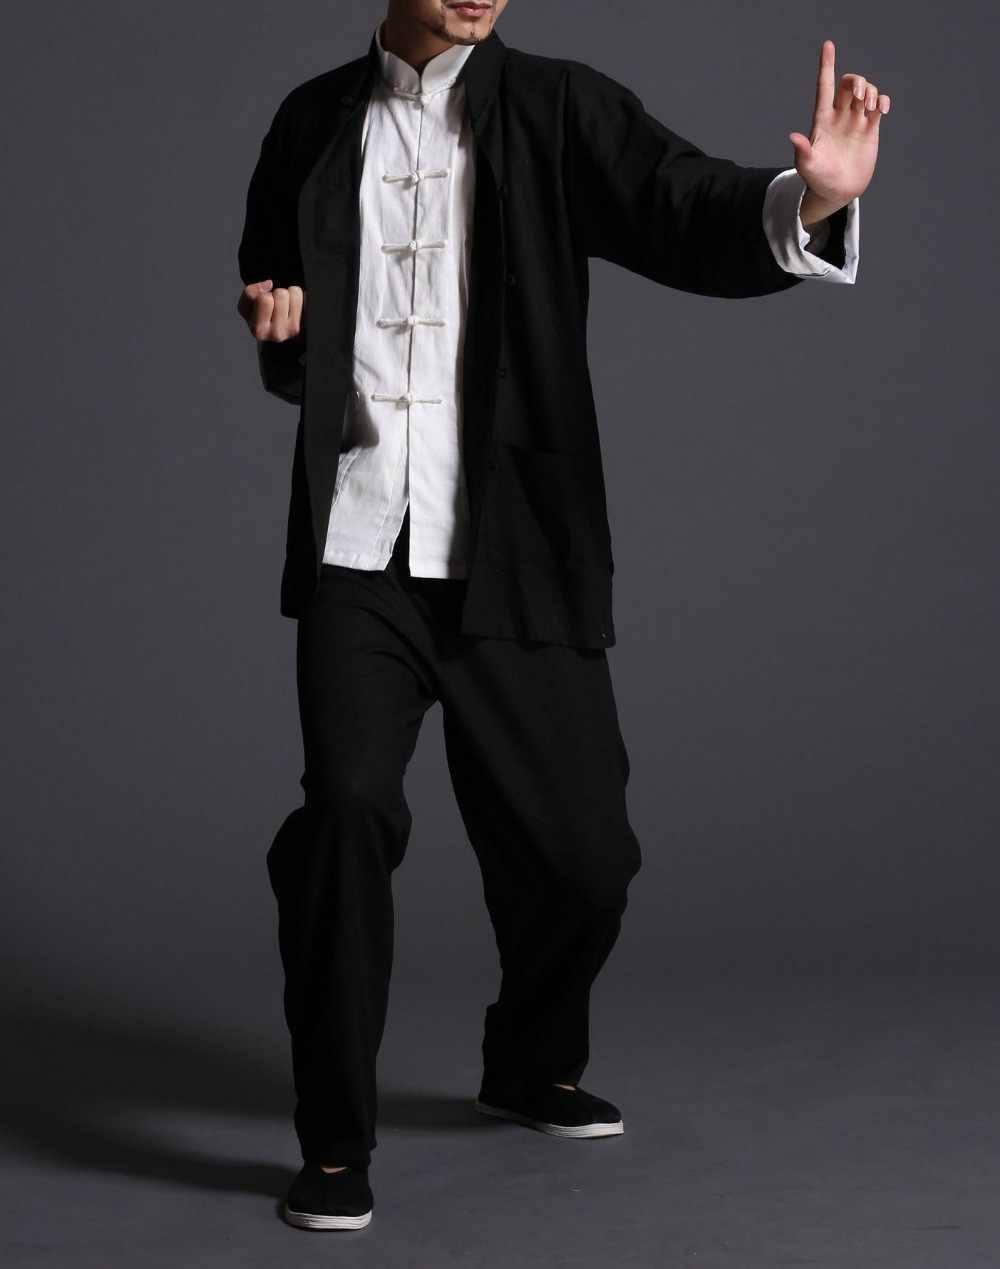 عالية الجودة 3 قطعة/المجموعة الذكور الكتان والقطن الكونغ فو الدعاوى الجناح تشون تاي تشي فنون الدفاع عن النفس مجموعة ملابس أسود